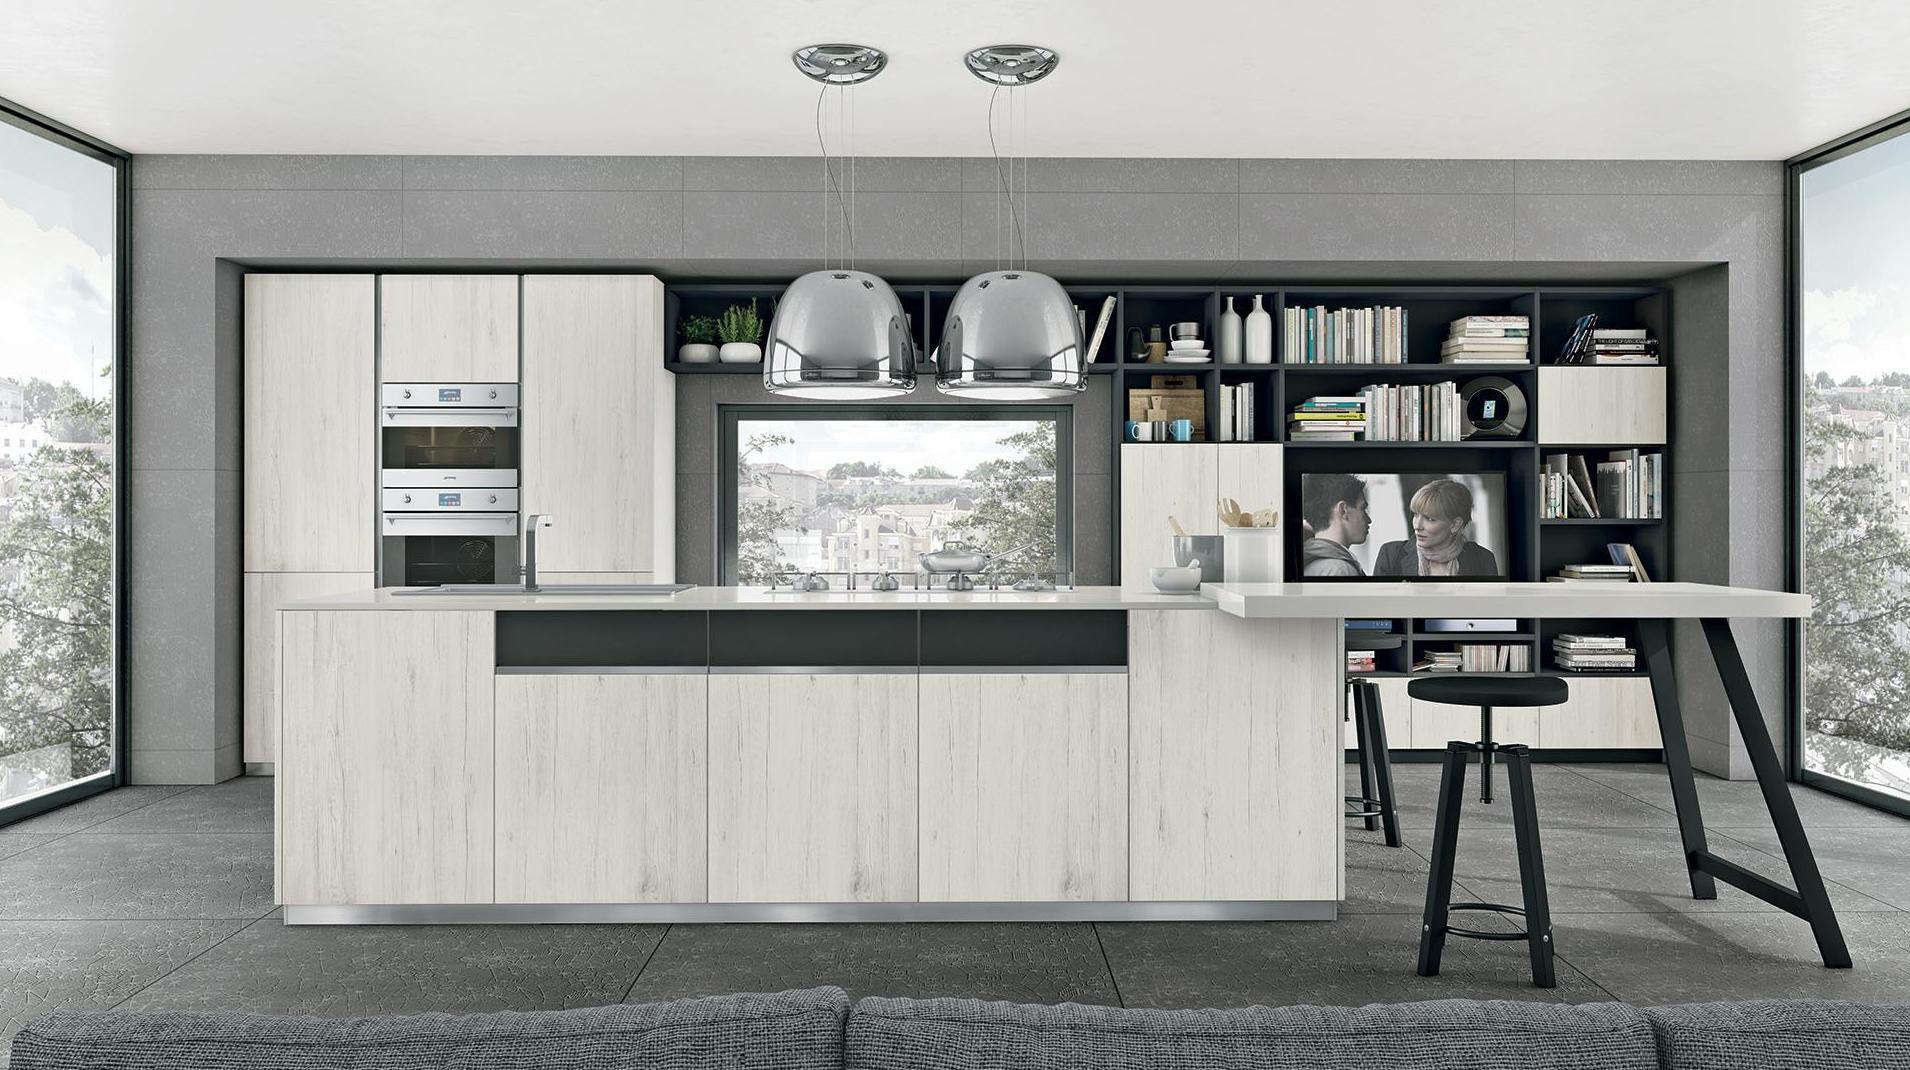 Foto 15 de Cocinas y baños en Getafe | Cocinas y Baños Snello